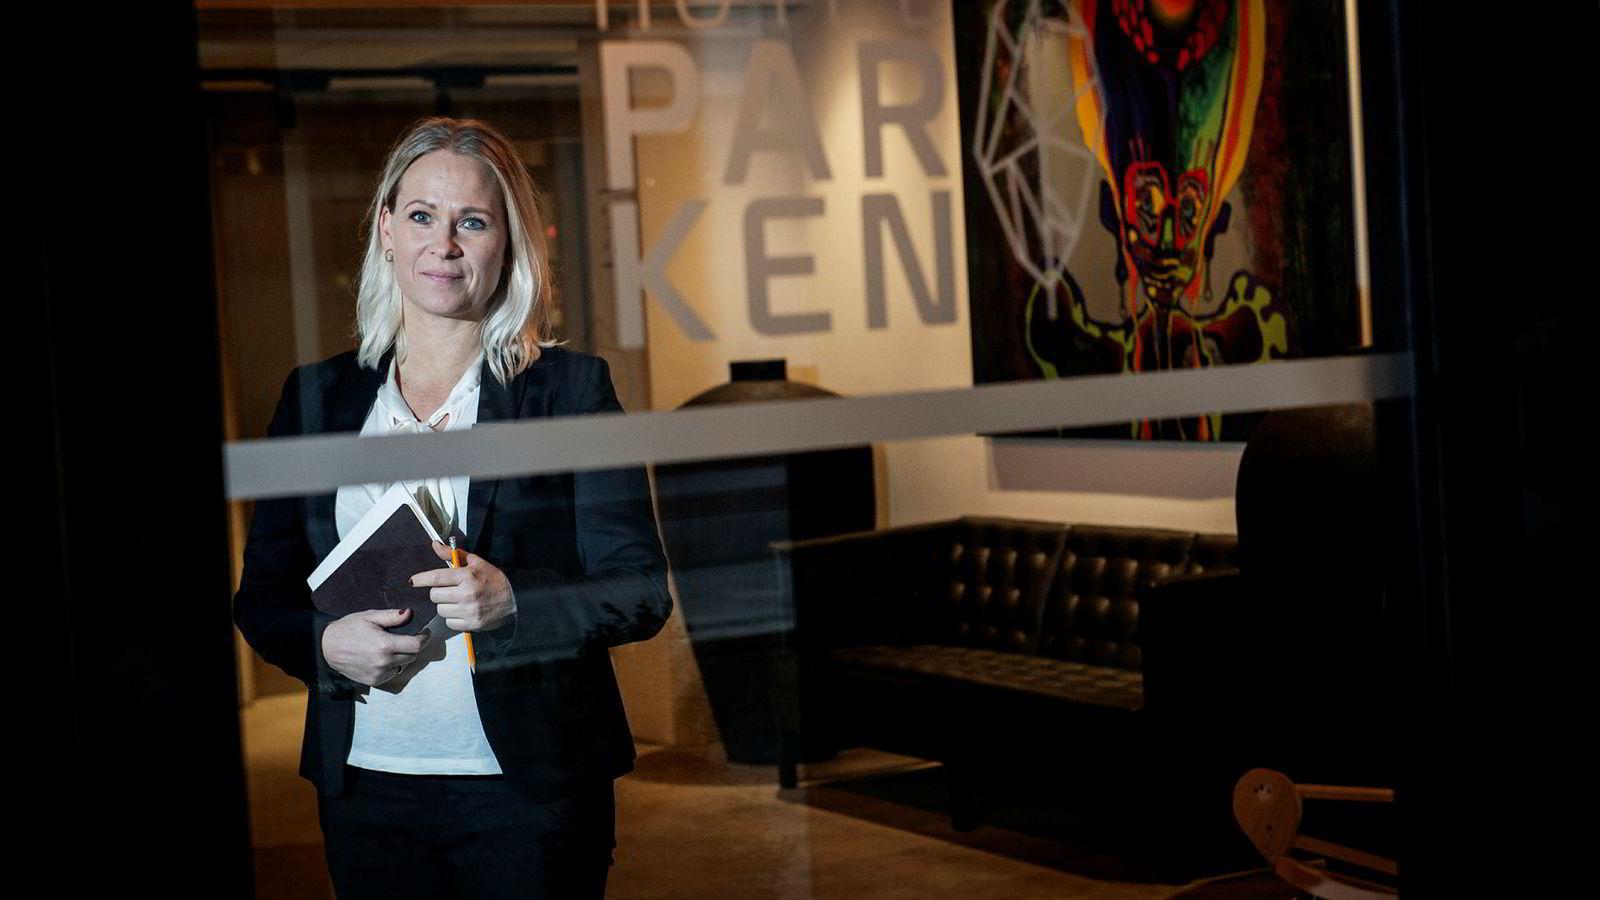 Kristine Obling Ravnevand leder Kristiansands nyeste hotell i et marked preget av langt flere om og færre gjester.